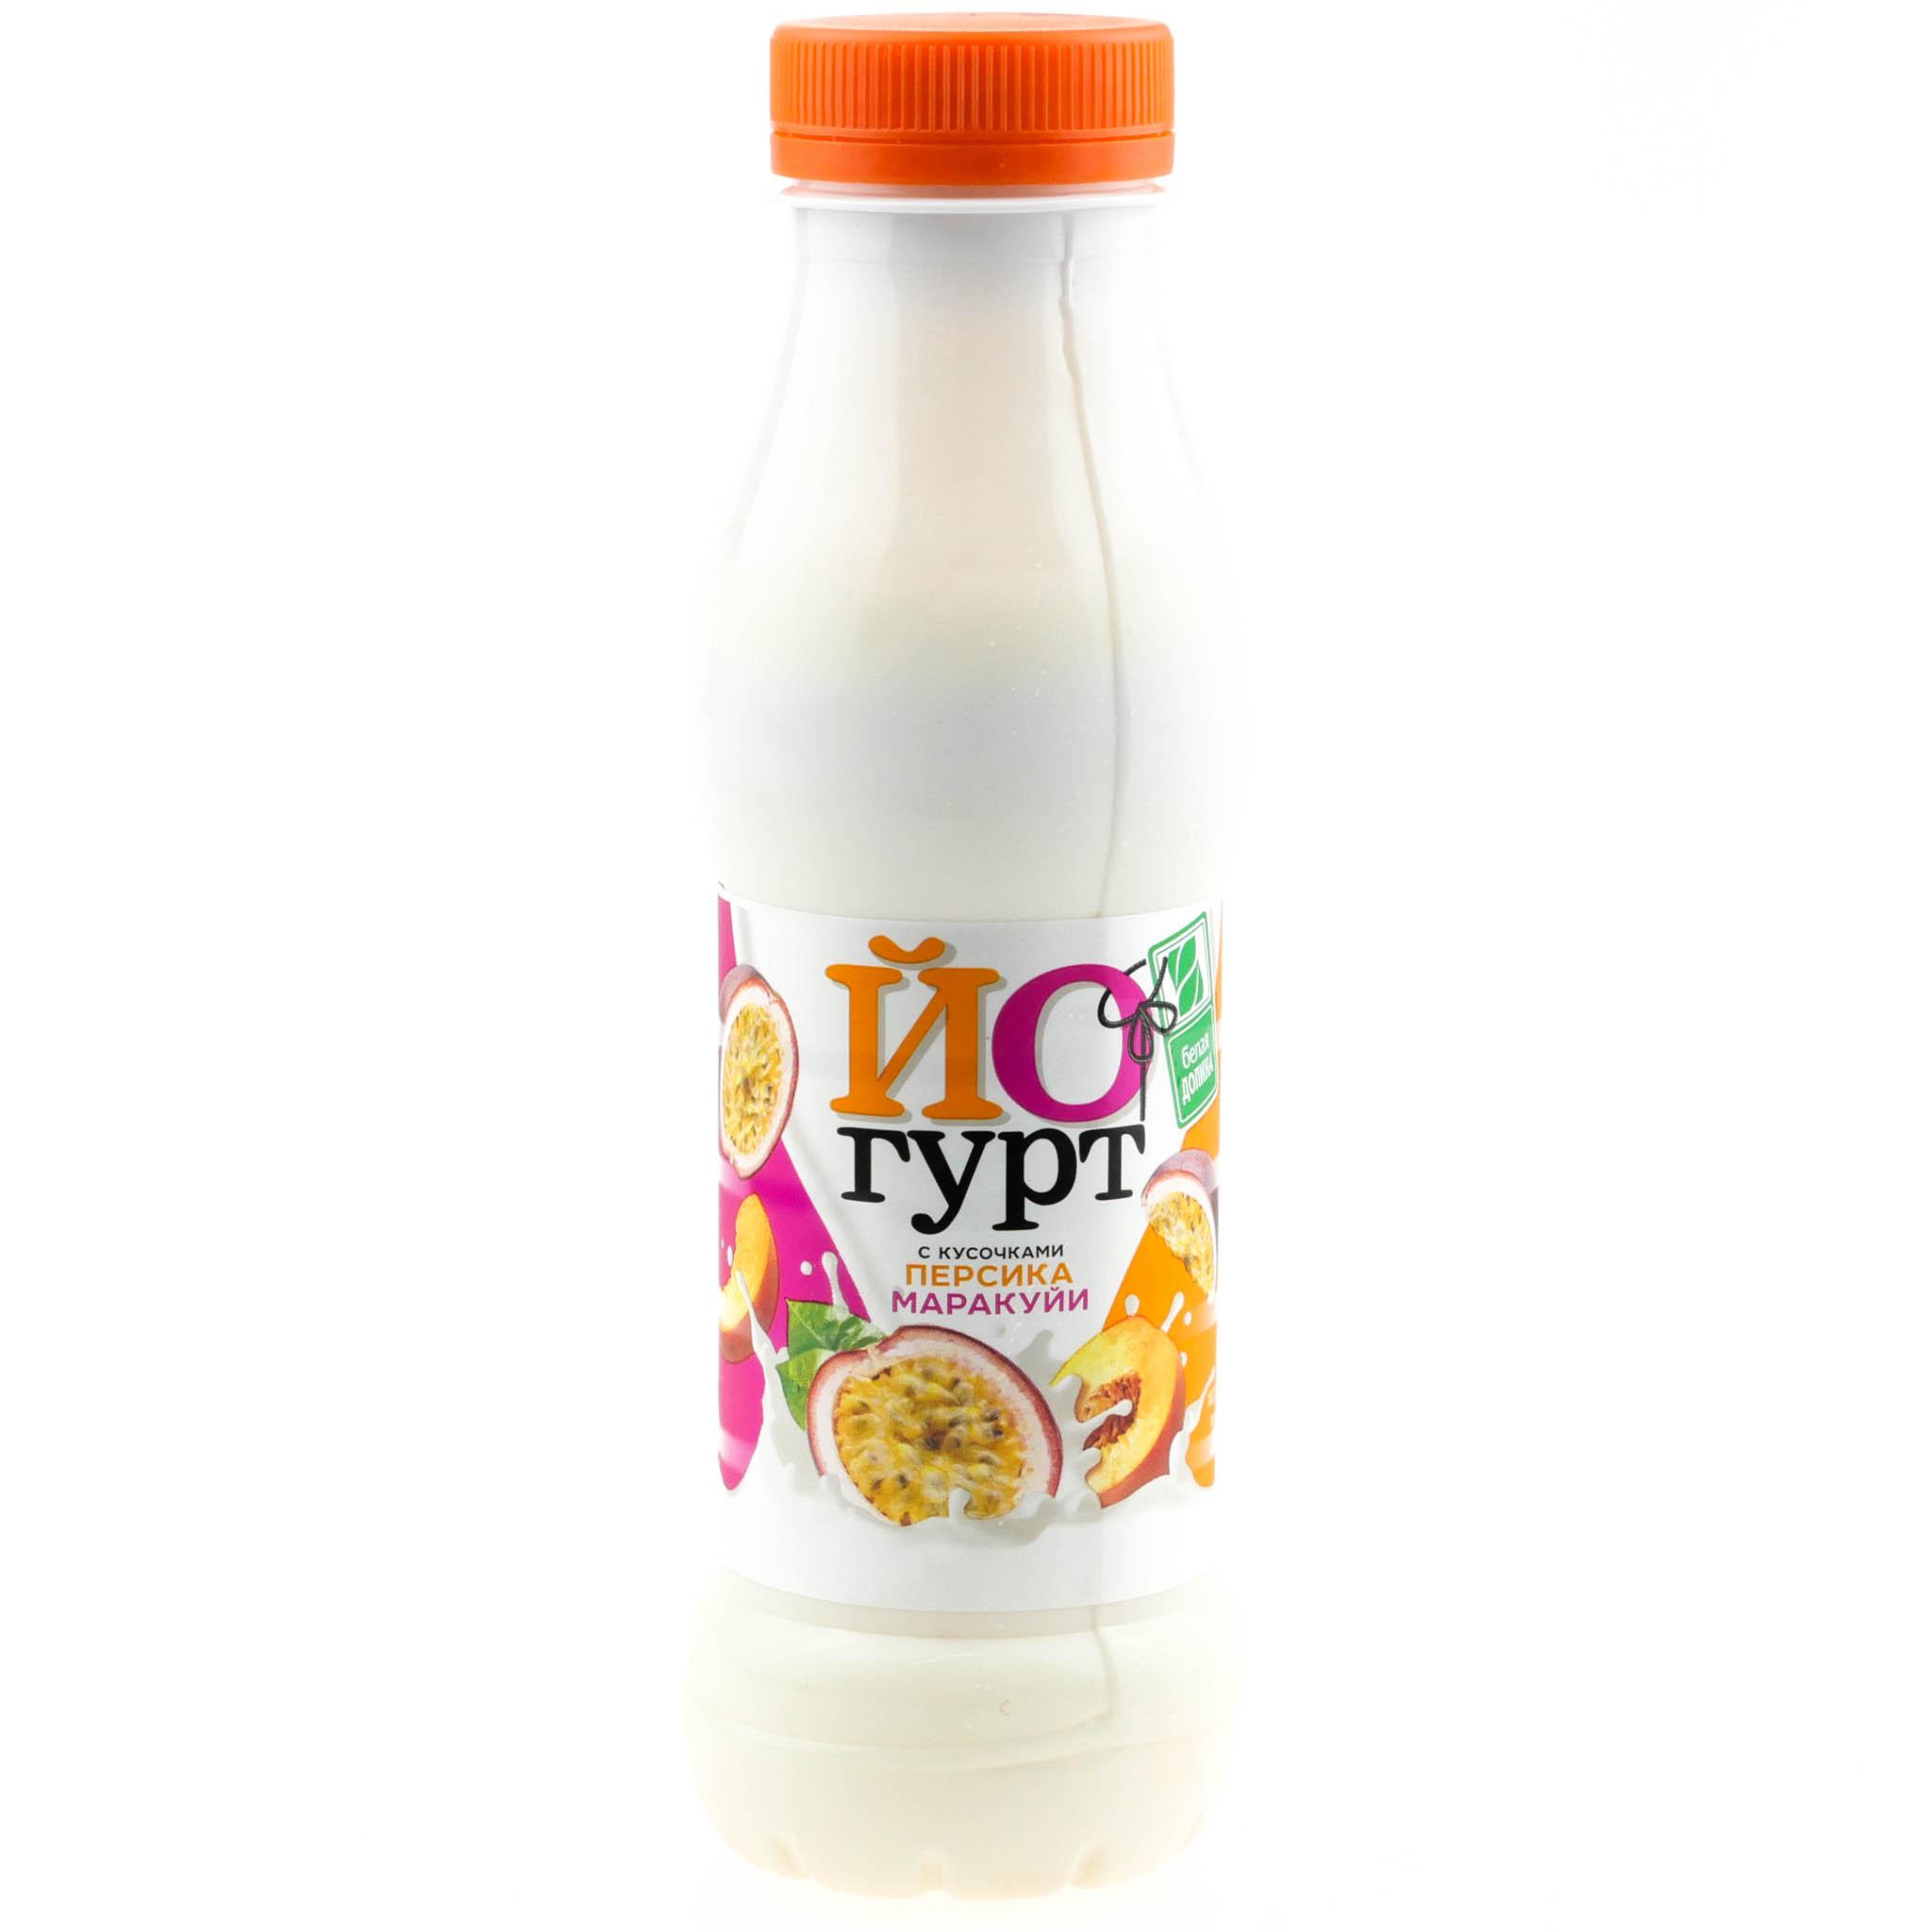 Йогурт Белая Долина 290г 2,5% персик-маракуйя БЗМЖ купить с доставкой на дом в интернет-магазине Торнадо